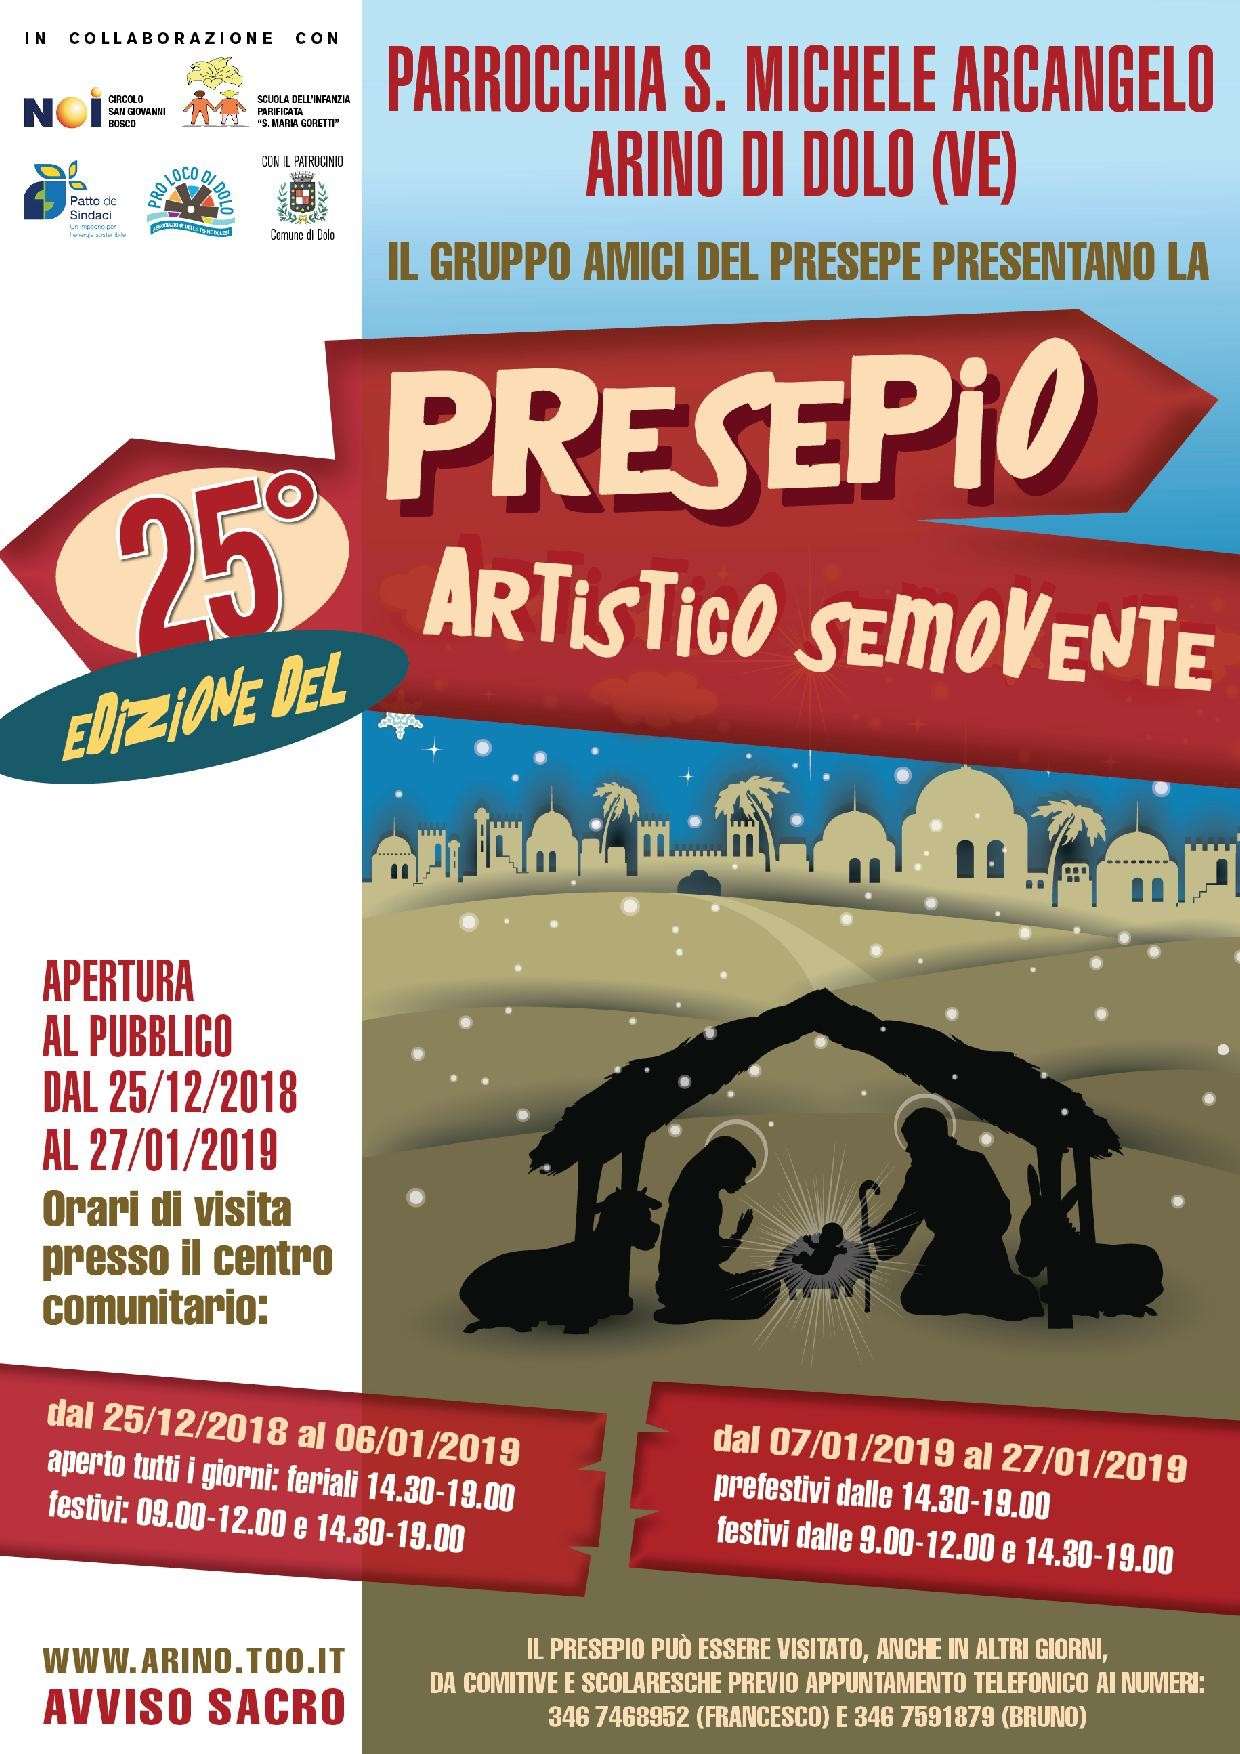 25° PRESEPIO ARTISTICO SEMOVENTE AD ARINO